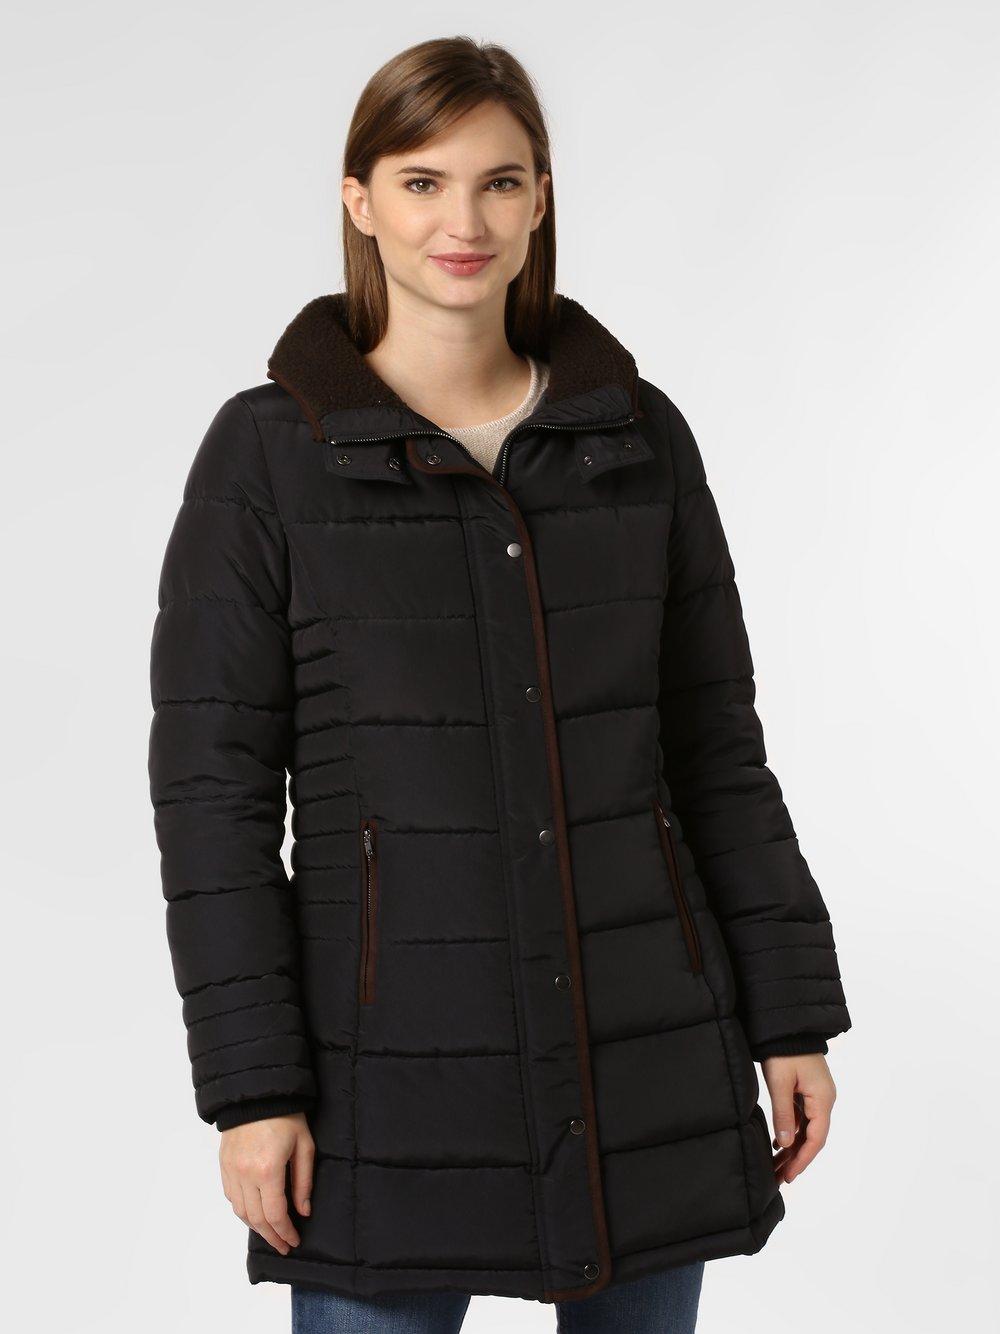 Marie Lund - Damski płaszcz pikowany, czarny